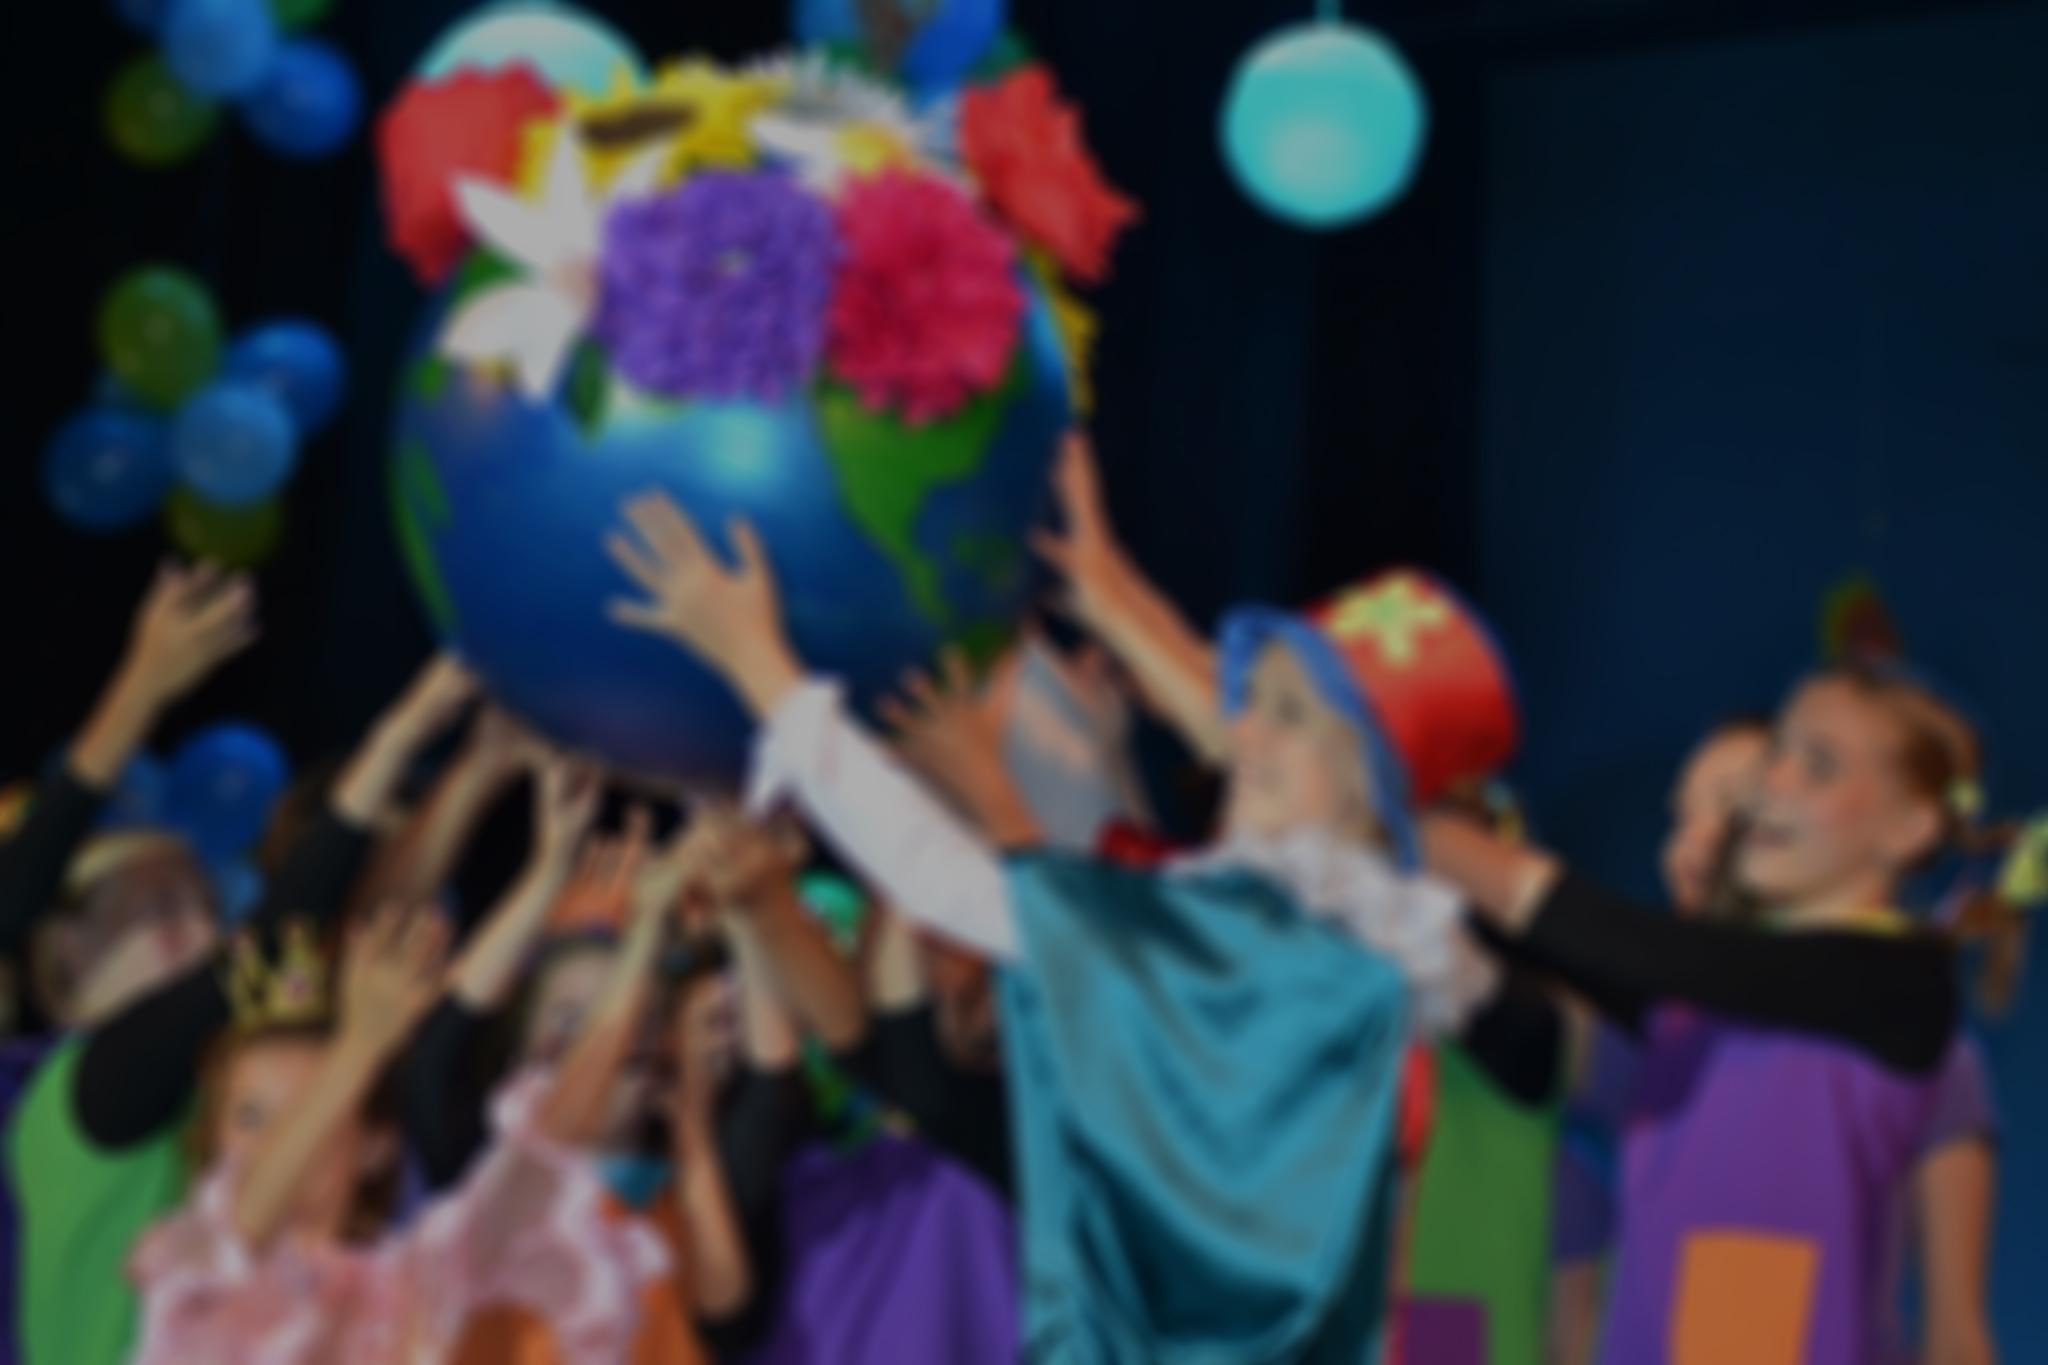 The World in Children's Hands